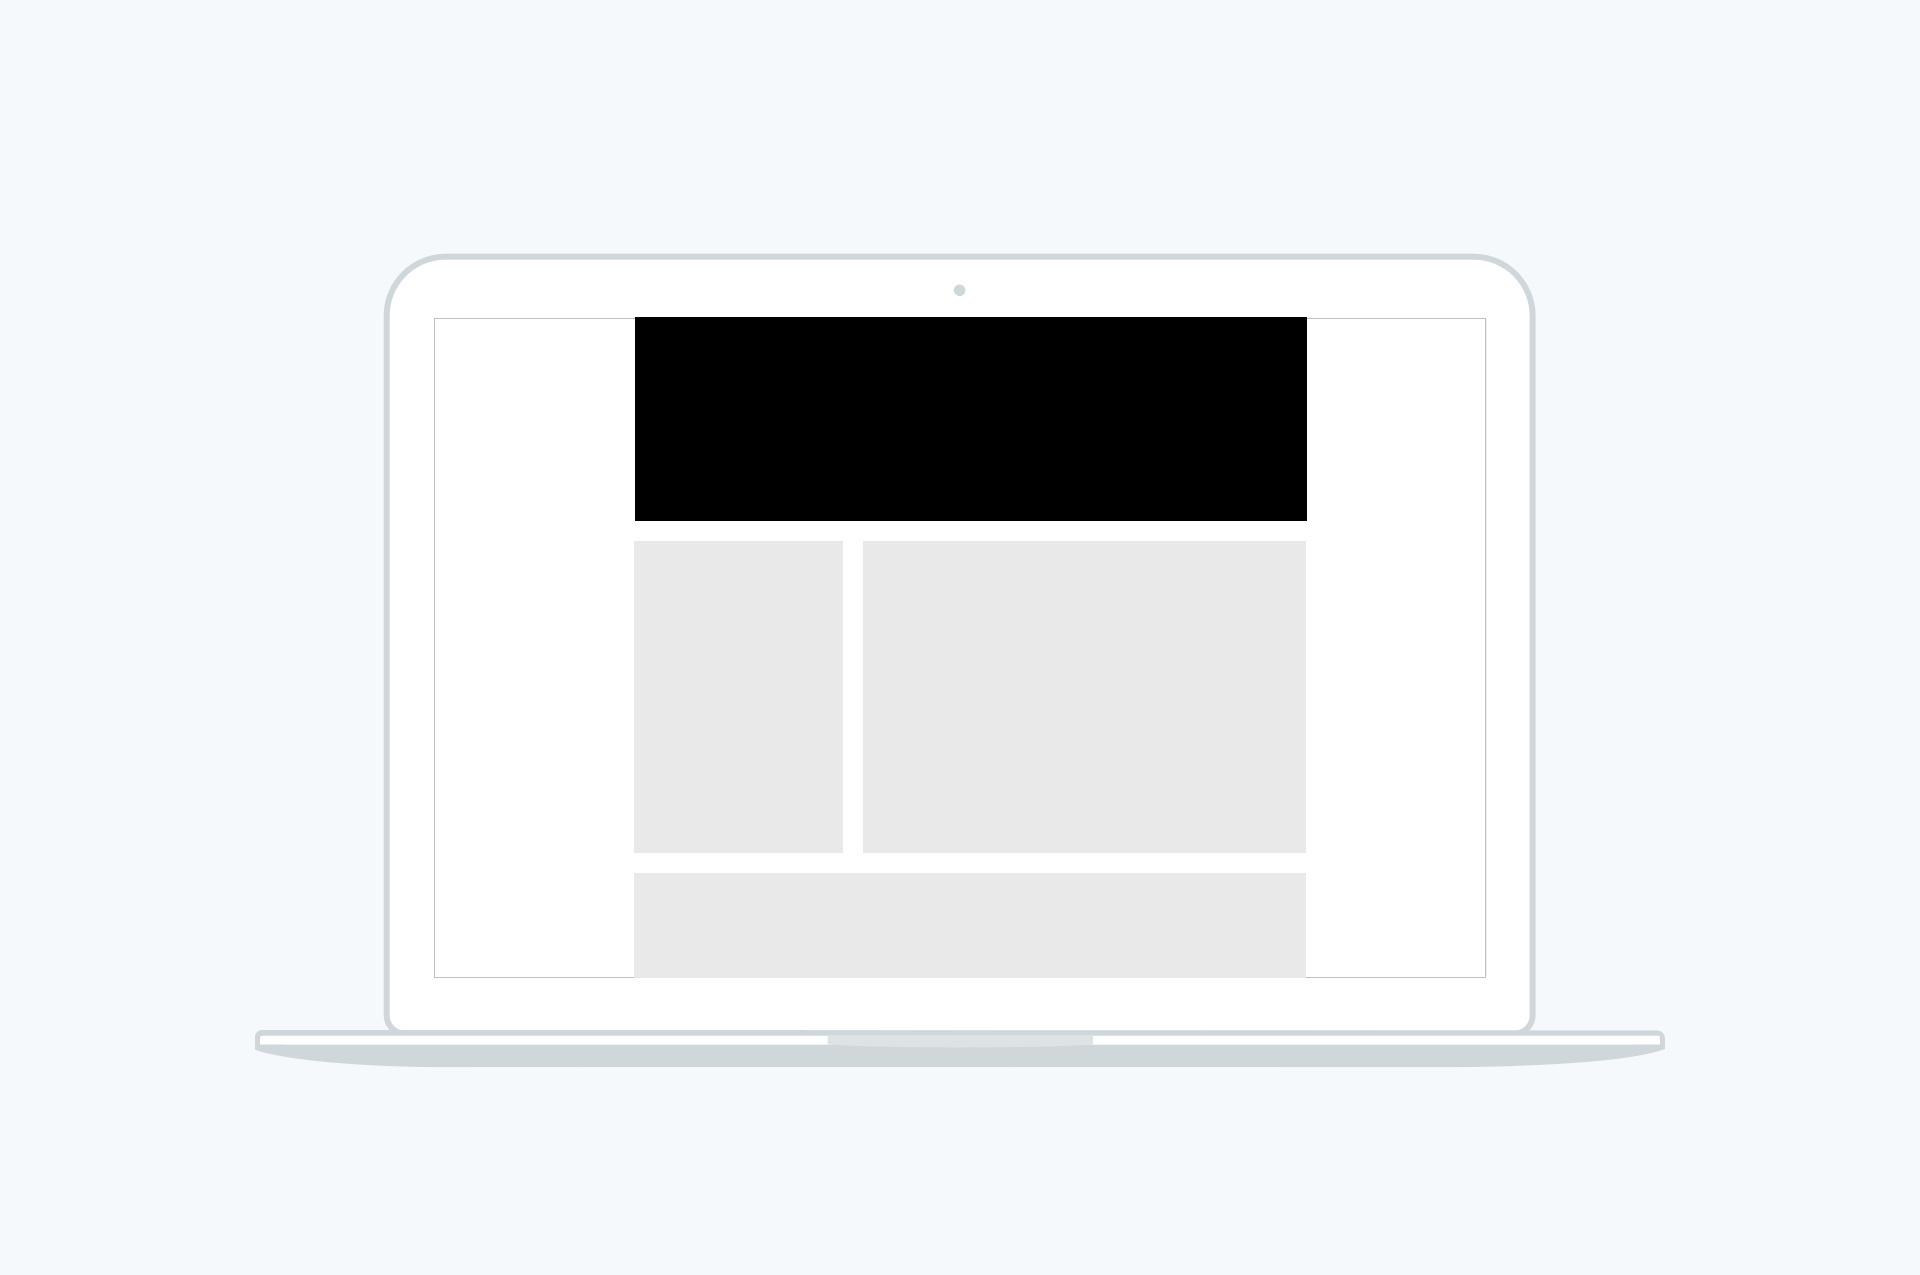 Desktop - Topboard